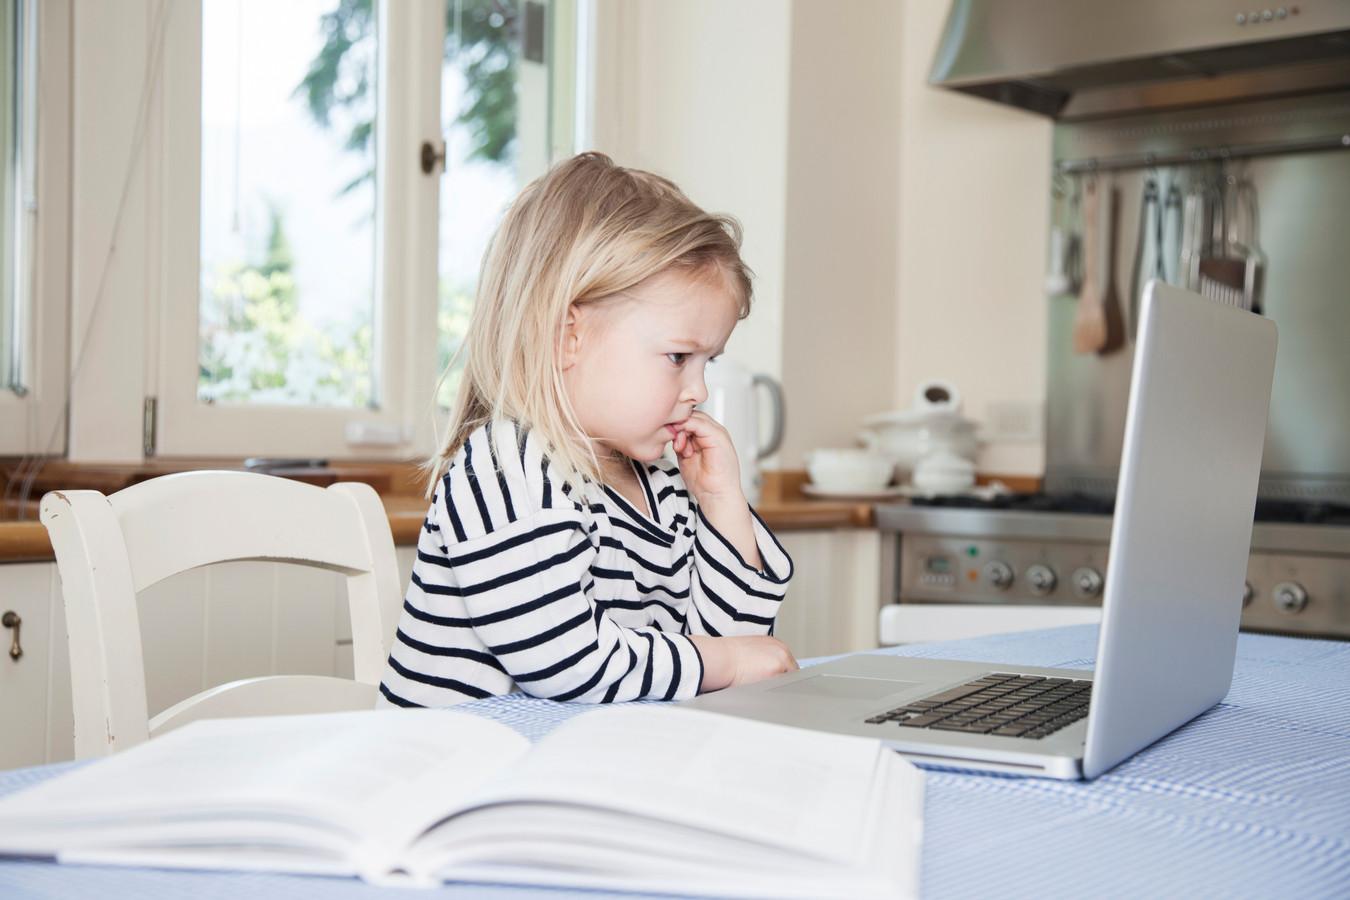 """En matière d'enseignement, """"dans le rapport Pisa 2015, aucune corrélation probante n'a pu être avérée entre l'utilisation du numérique et l'amélioration des résultats des élèves"""", pointe l'ASBL Justice et Paix. Deux pédopsychiatres ont aussi alerté en 2017 sur les troubles de comportement chez les enfants intensément exposés aux outils connectés, sans oublier la cyberdépendance."""